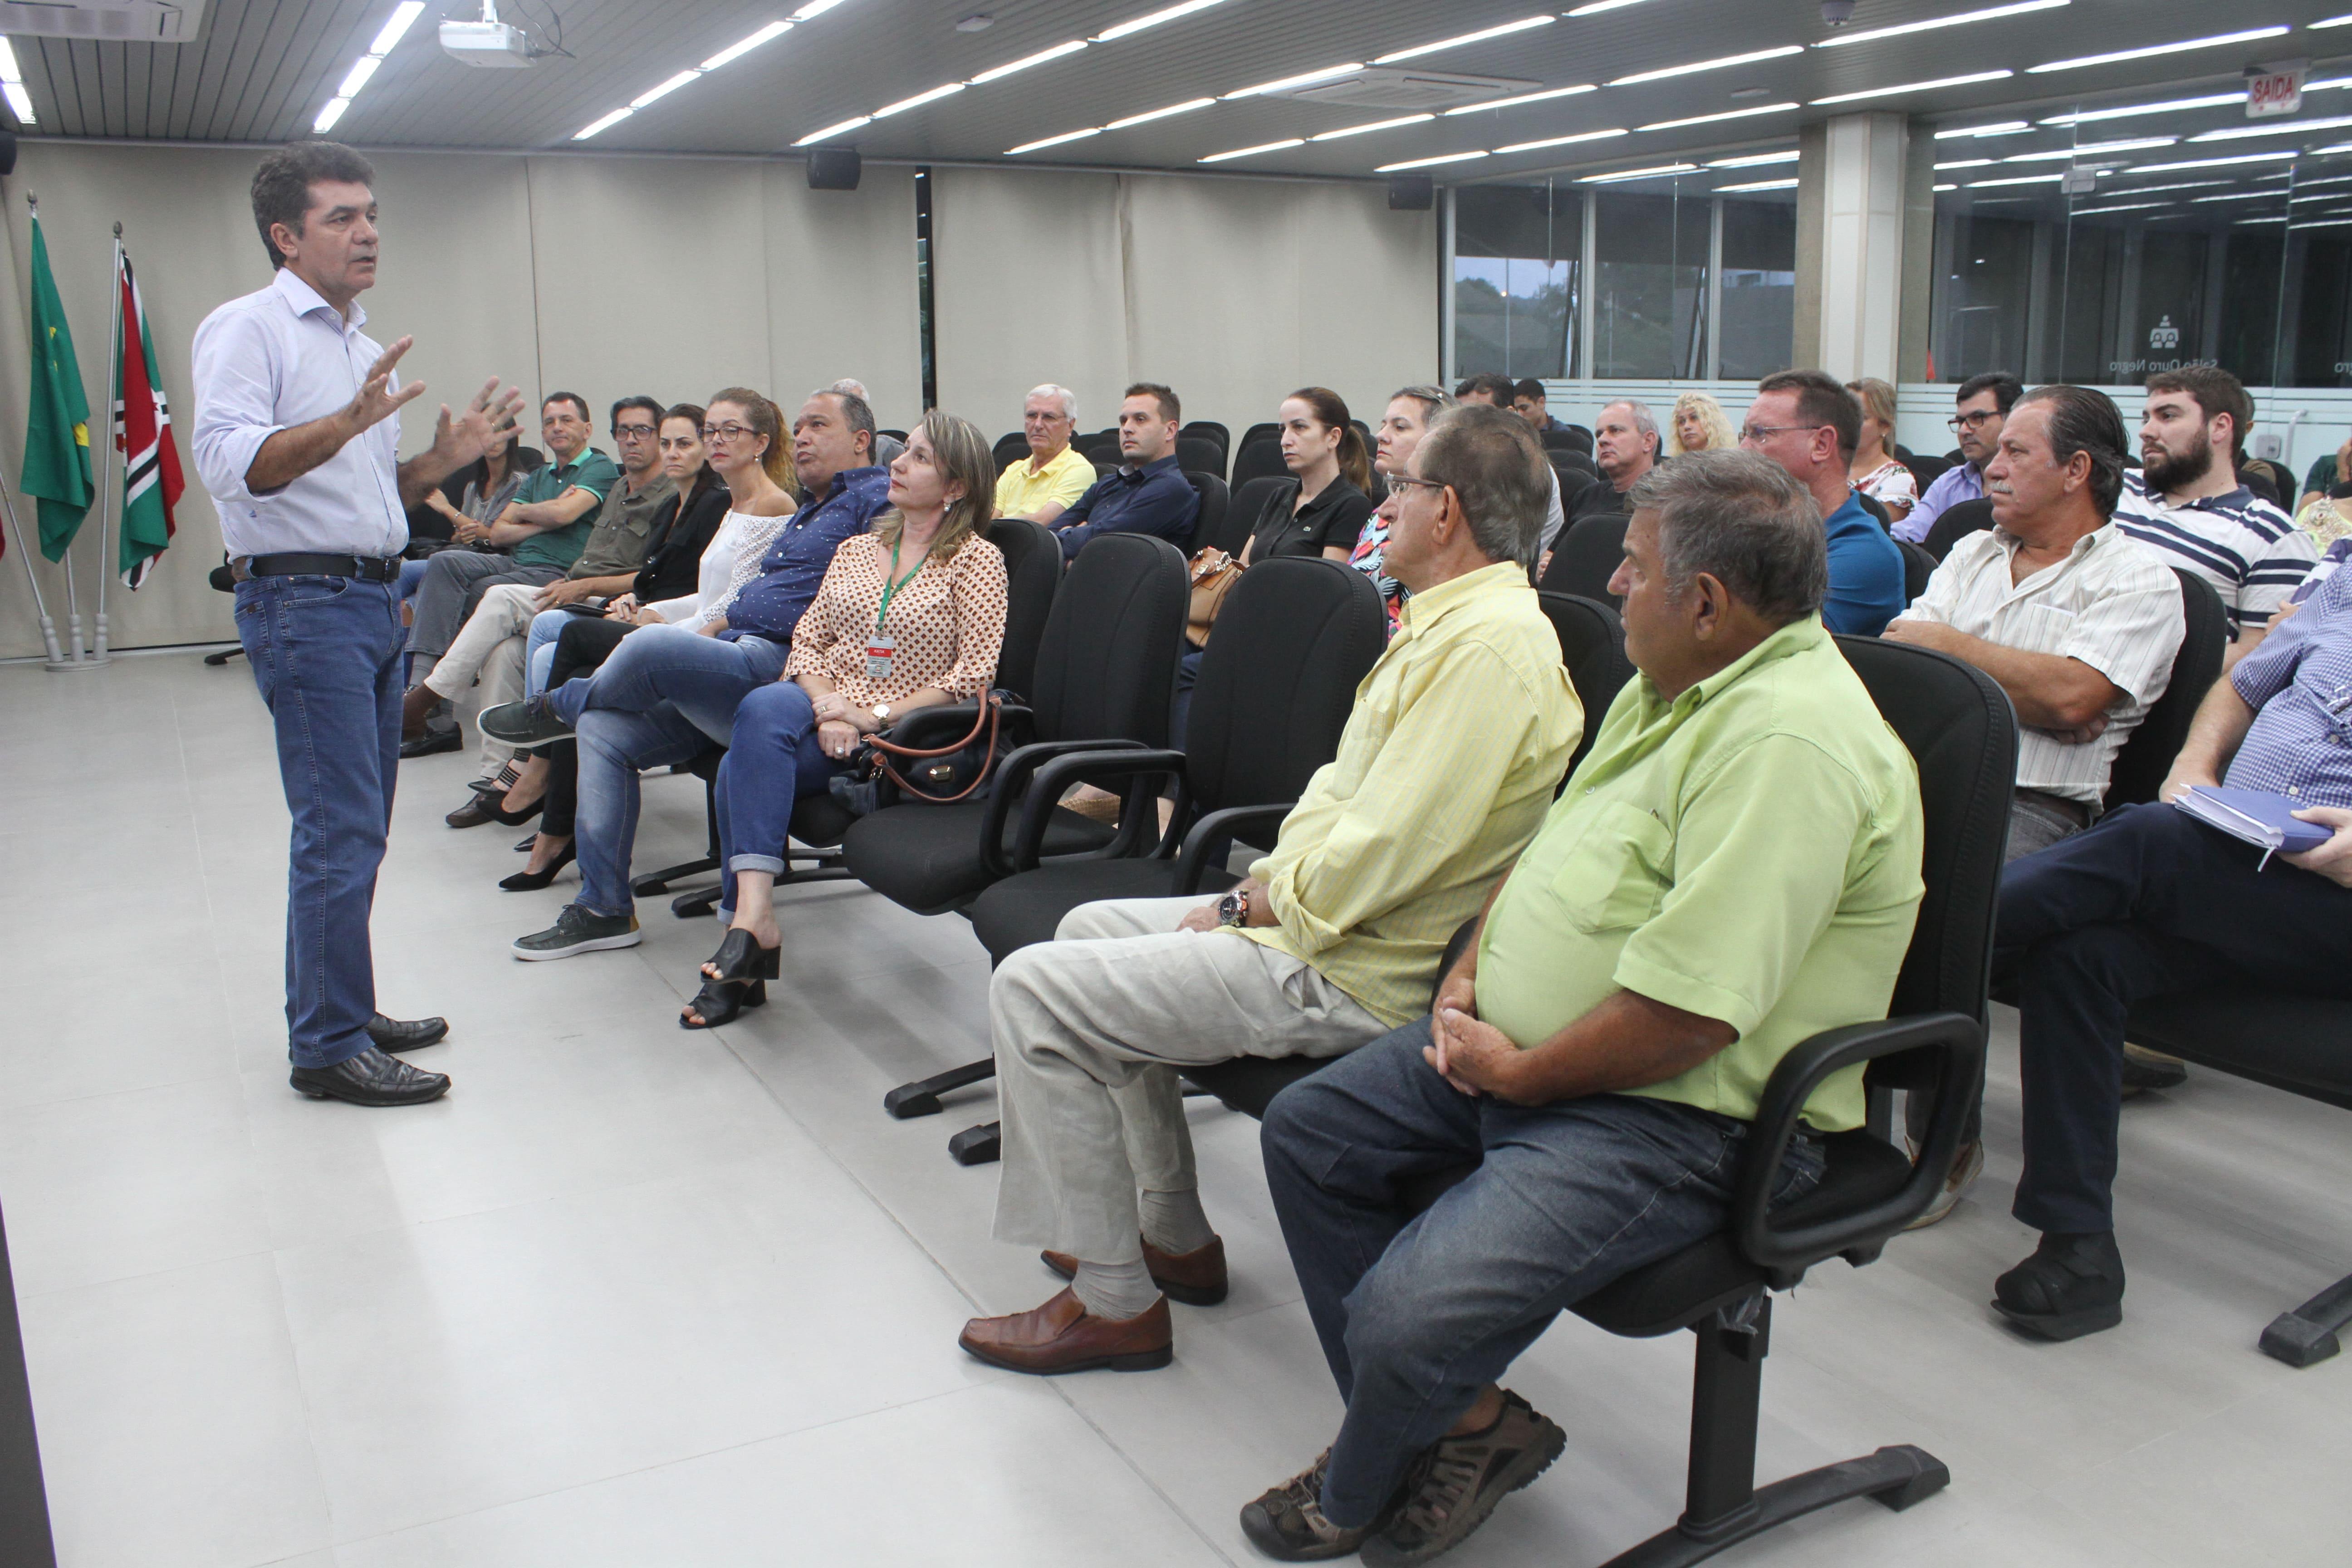 Prefeitura Municipal de Criciúma - Prefeitura encaminha parceria com moradores para pavimentação de ruas